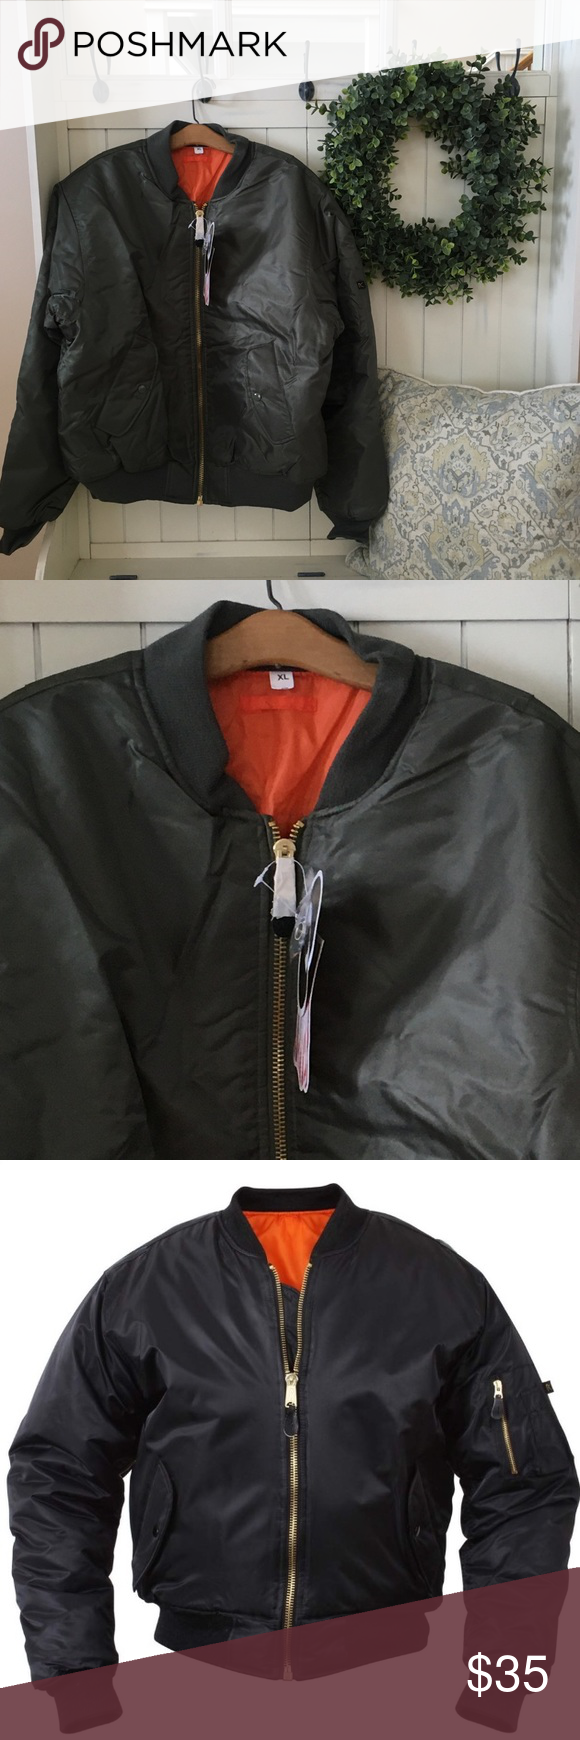 Nwt Men S Rothco Ma 1 Olive Green Flight Jacket Flight Jacket Army Bomber Jacket Jackets [ 1740 x 580 Pixel ]